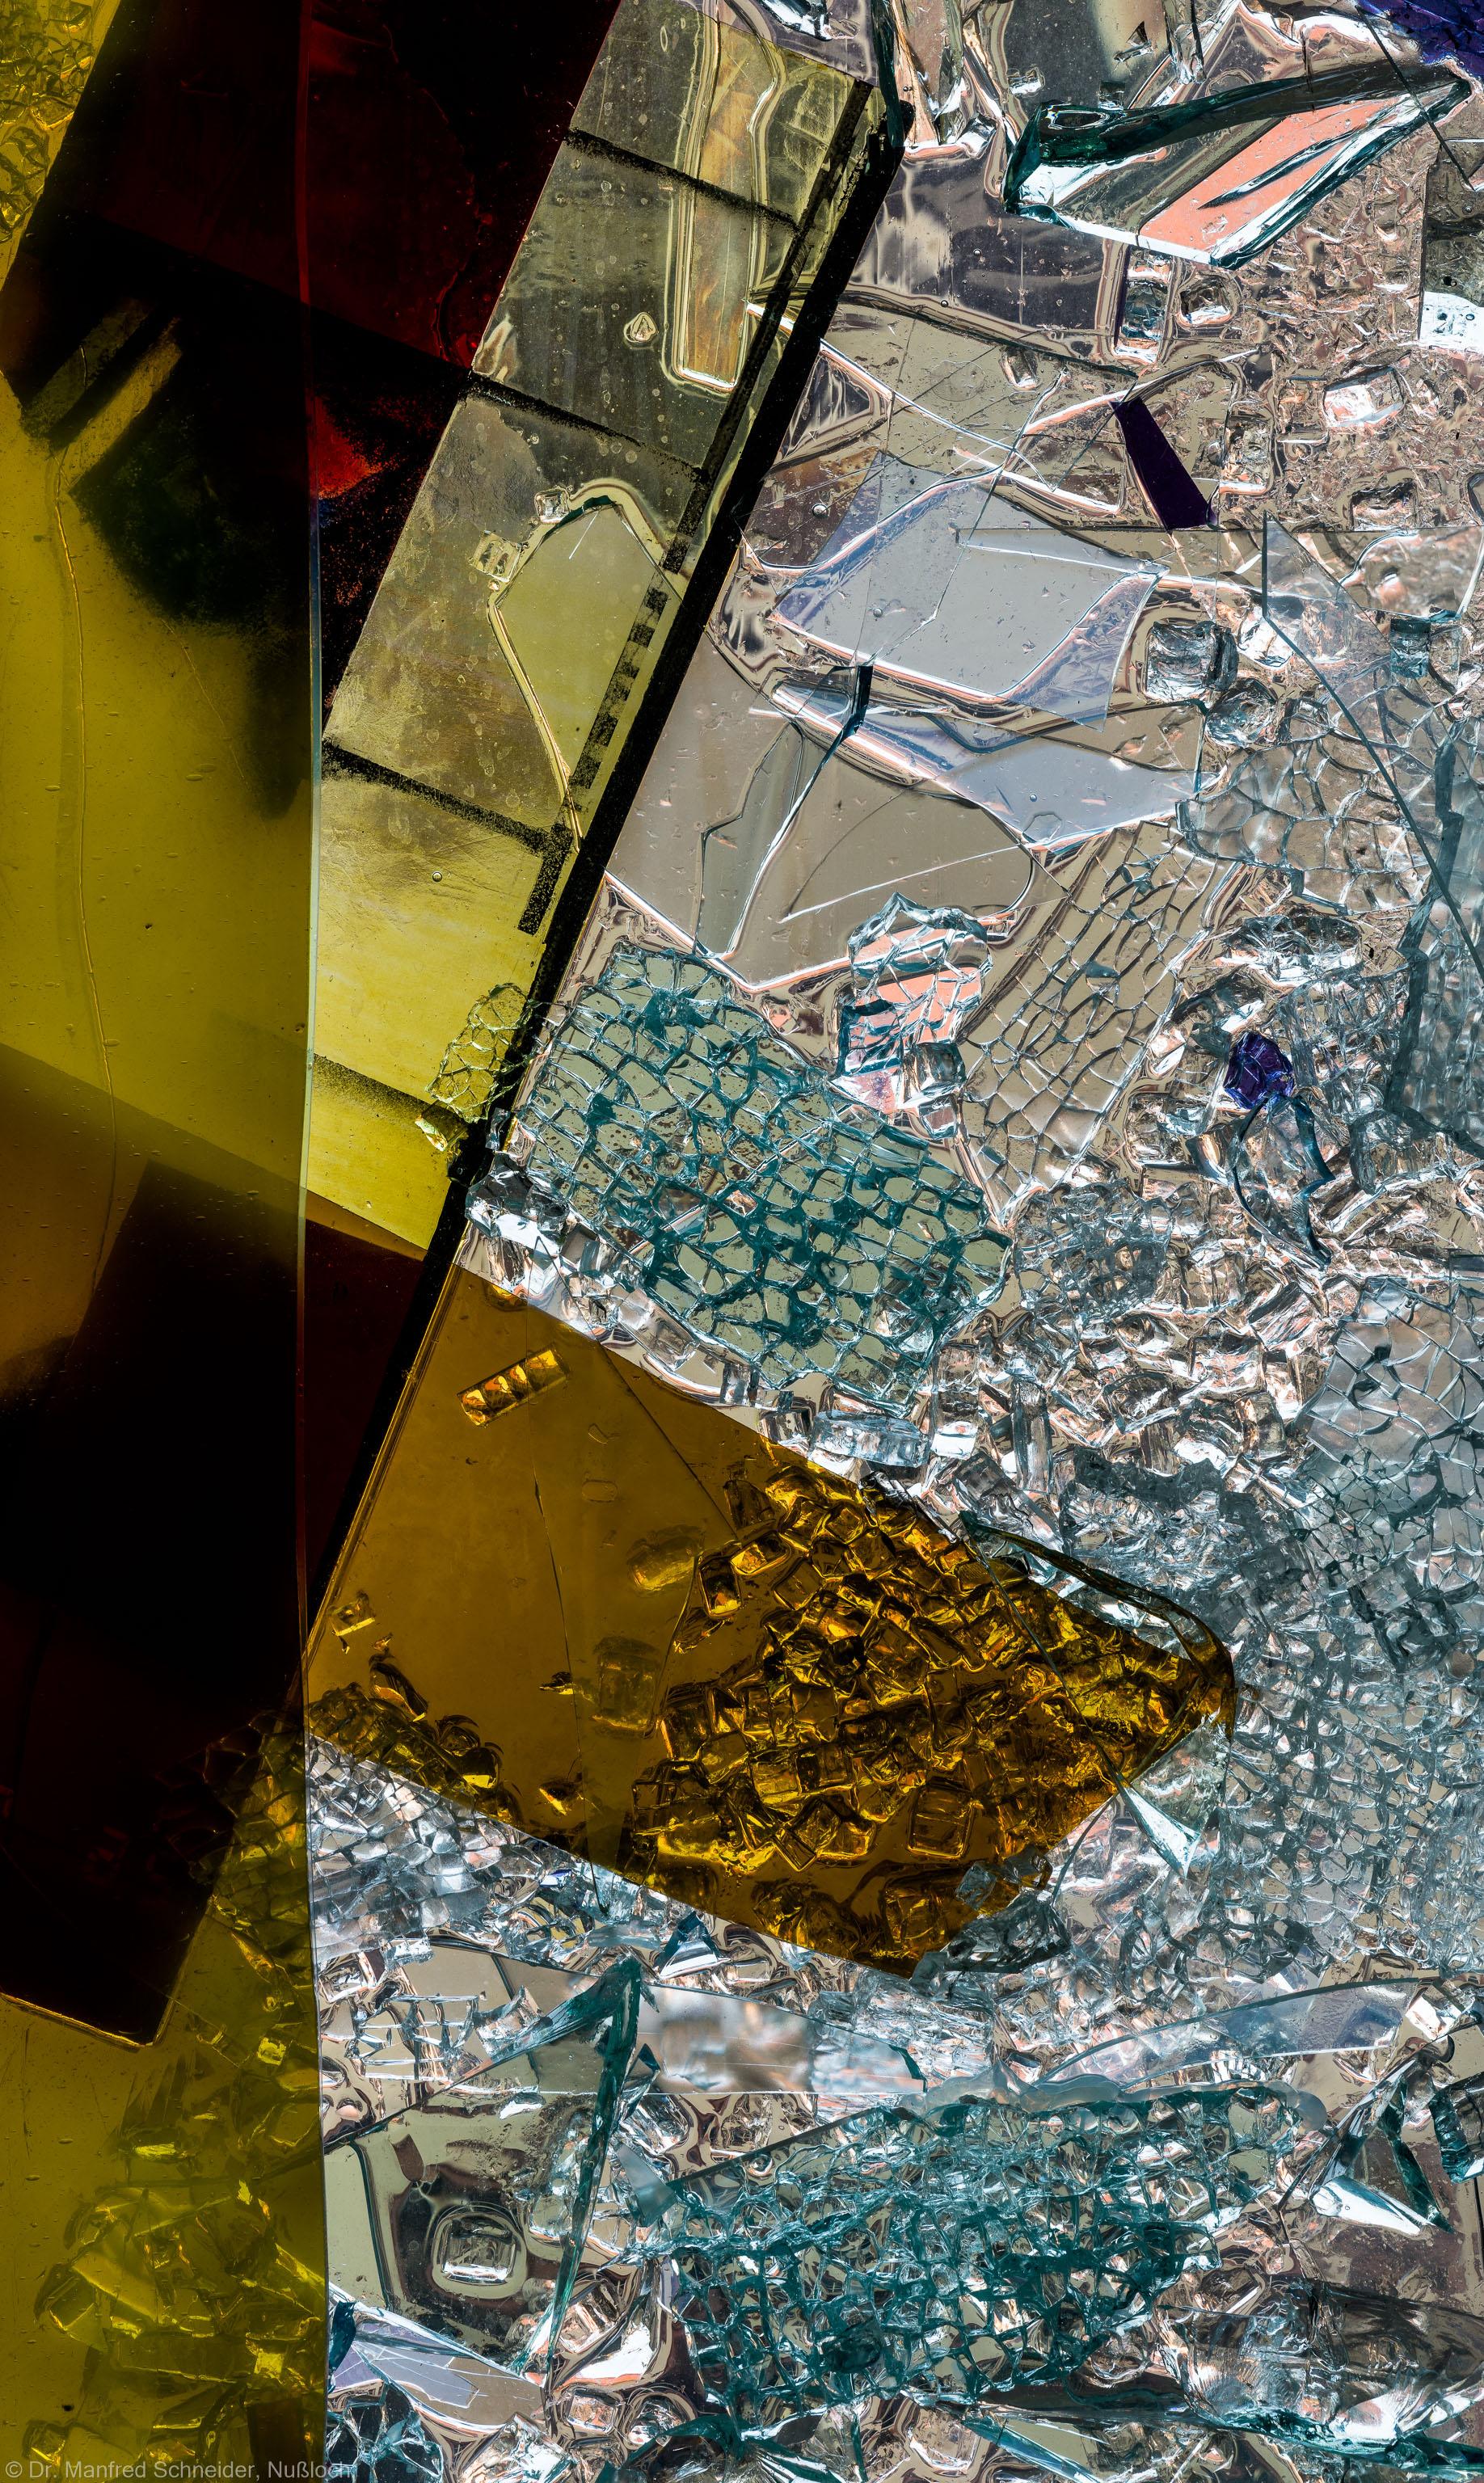 """Heidelberg - Heiliggeistkirche - Nordschiff - 3. Joch, von Westen aus gezählt - Ausschnitt aus Feld (rechte Bahn, dritte Zeile) des Fensters """"Schöpfungsgeschichte - Gott sprach: es werde Licht"""" von Hella De Santarossa (aufgenommen im Oktober 2015, am späten Nachmittag)"""